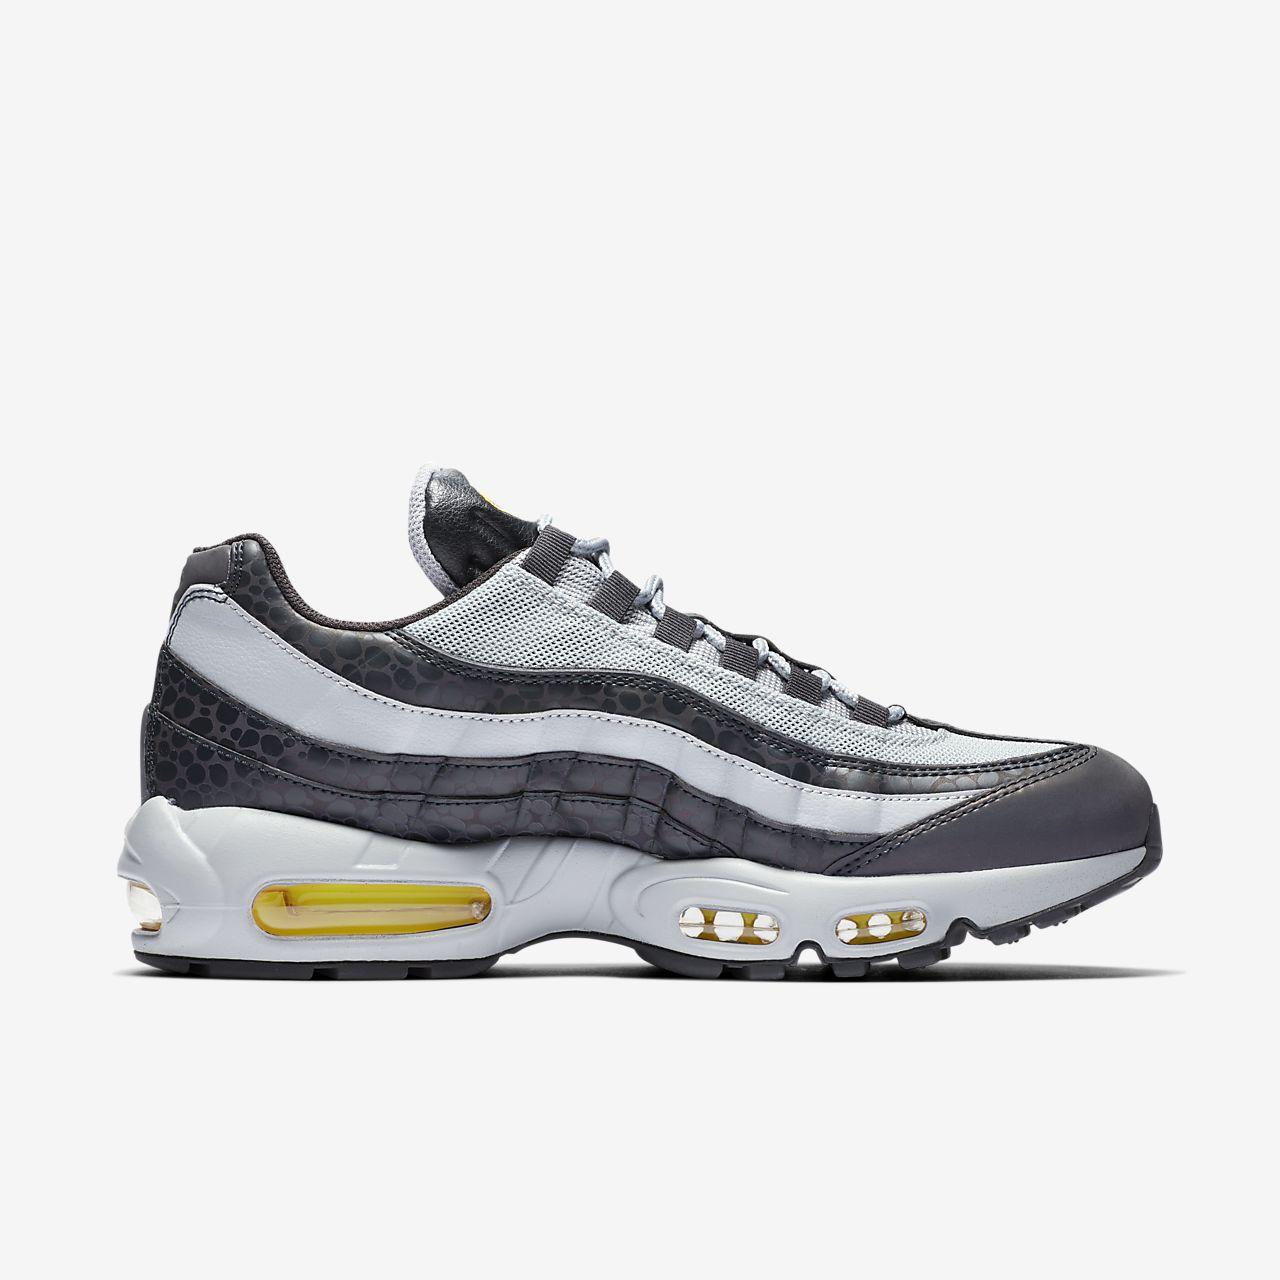 hot sale online 08ec1 a1dfc ... Nike Air Max 95 SE Men s Shoe